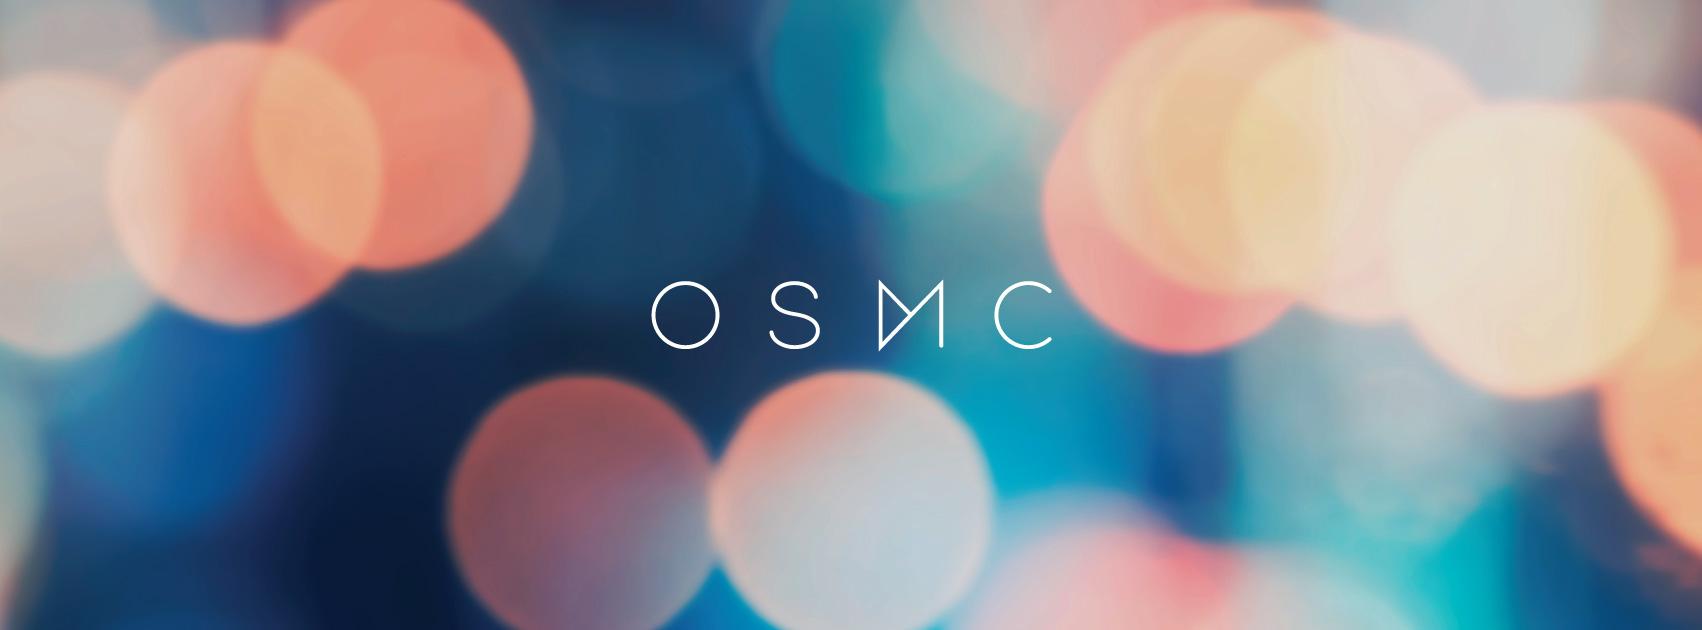 Nom : OSMC_FB_Banner.jpg Affichages : 8897 Taille : 121,5 Ko